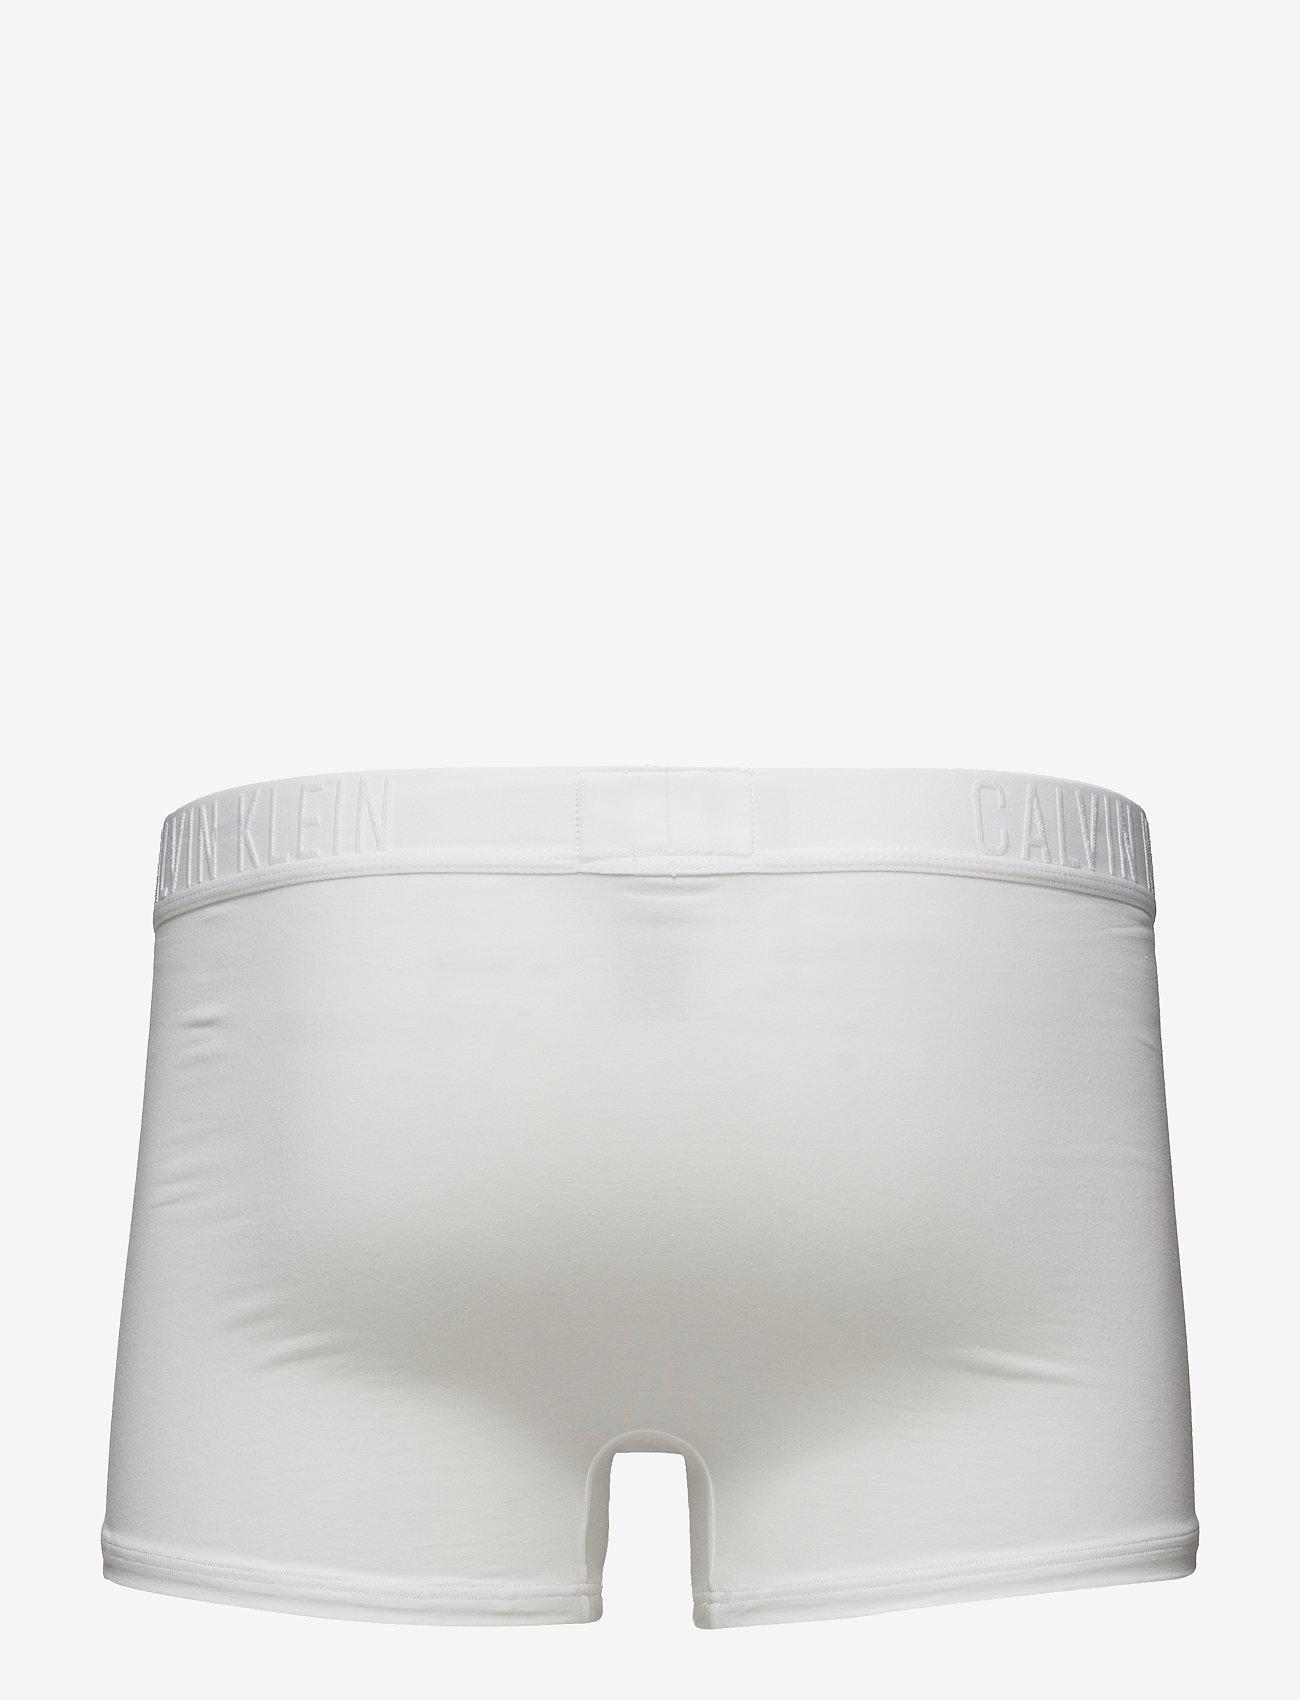 Calvin Klein - TRUNK - boxershorts - white - 1